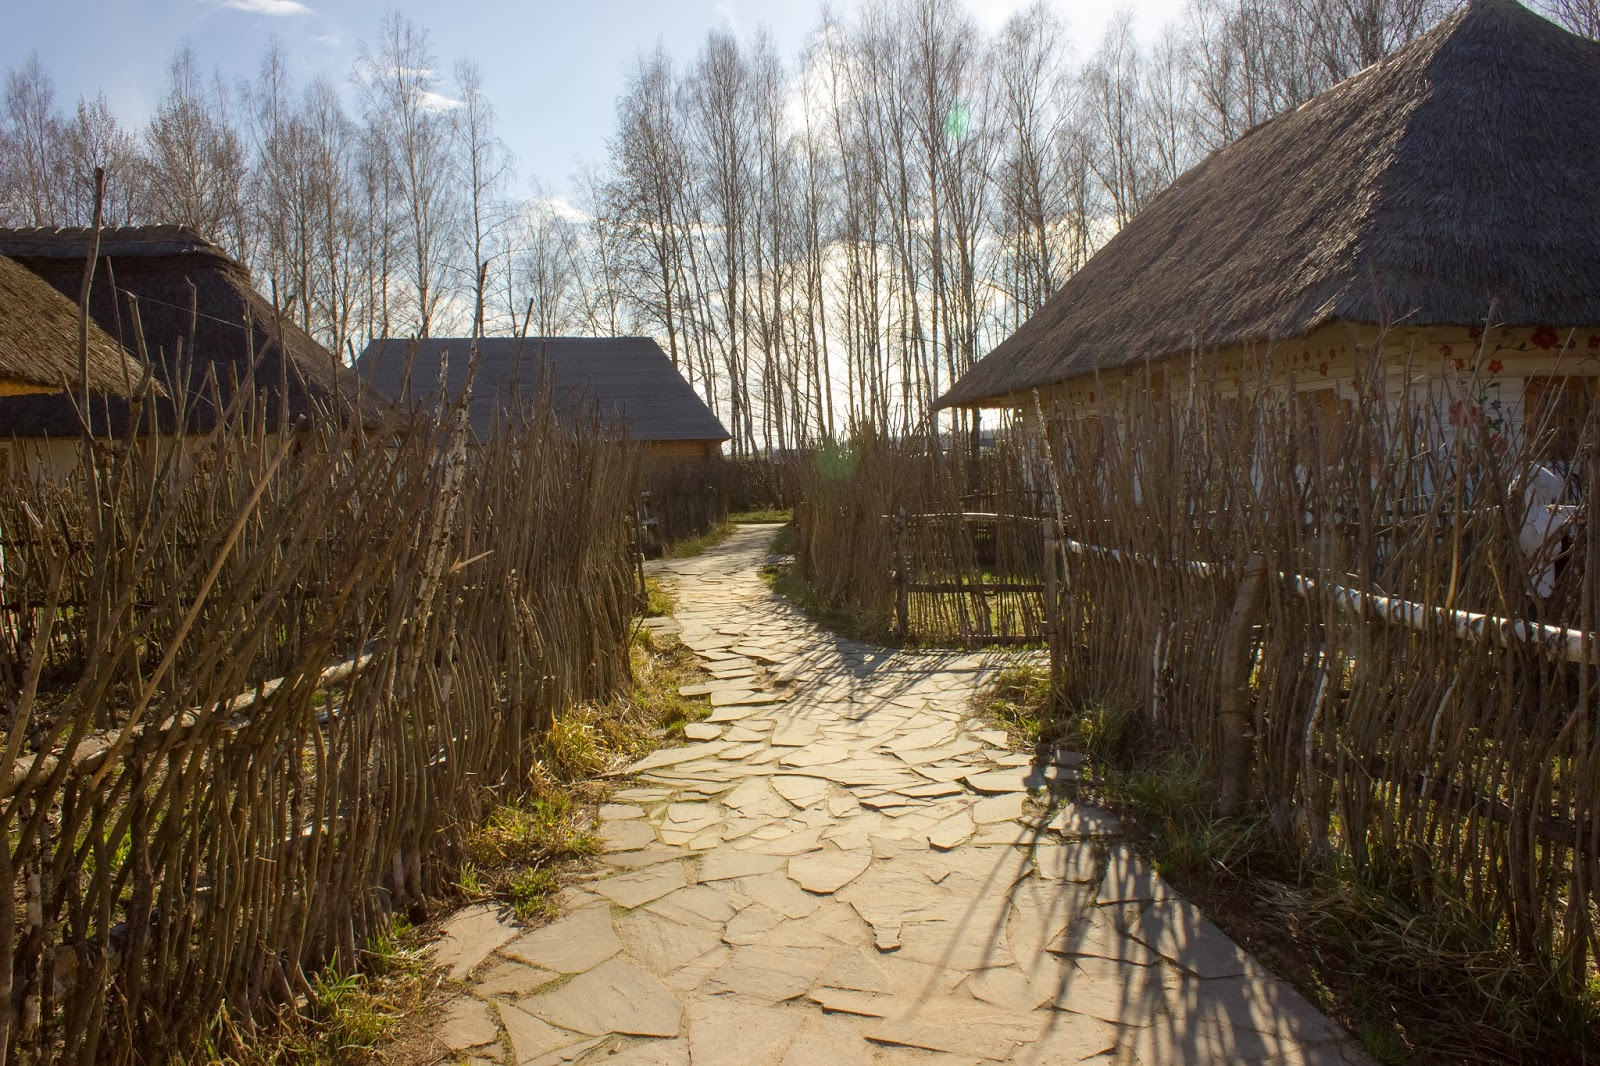 Калуга, Калужская область, Этномир, Дорога в деревню